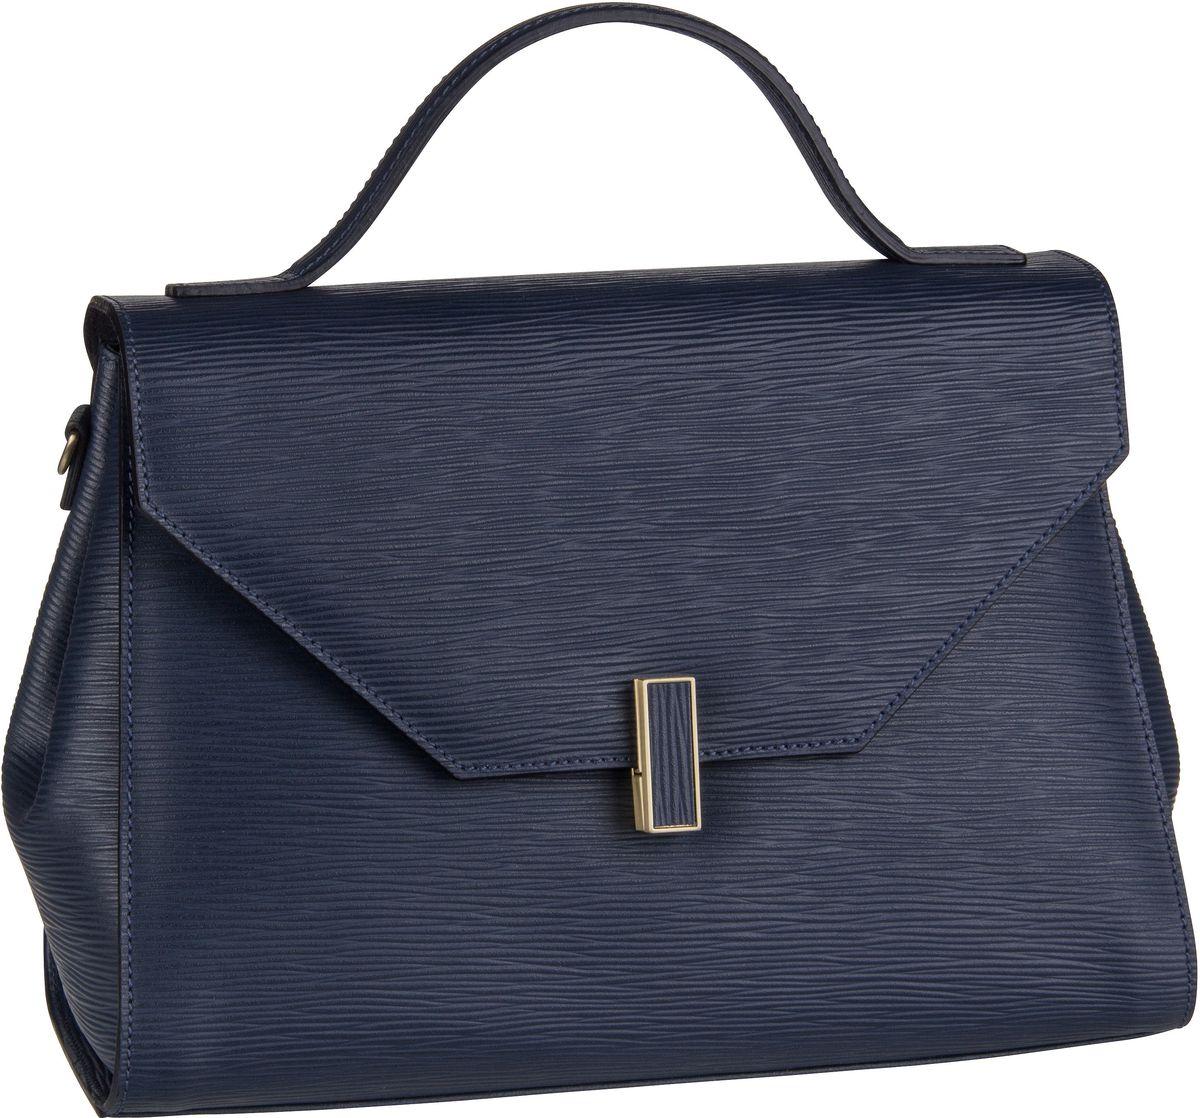 Handtasche Vanity 4832 Navy